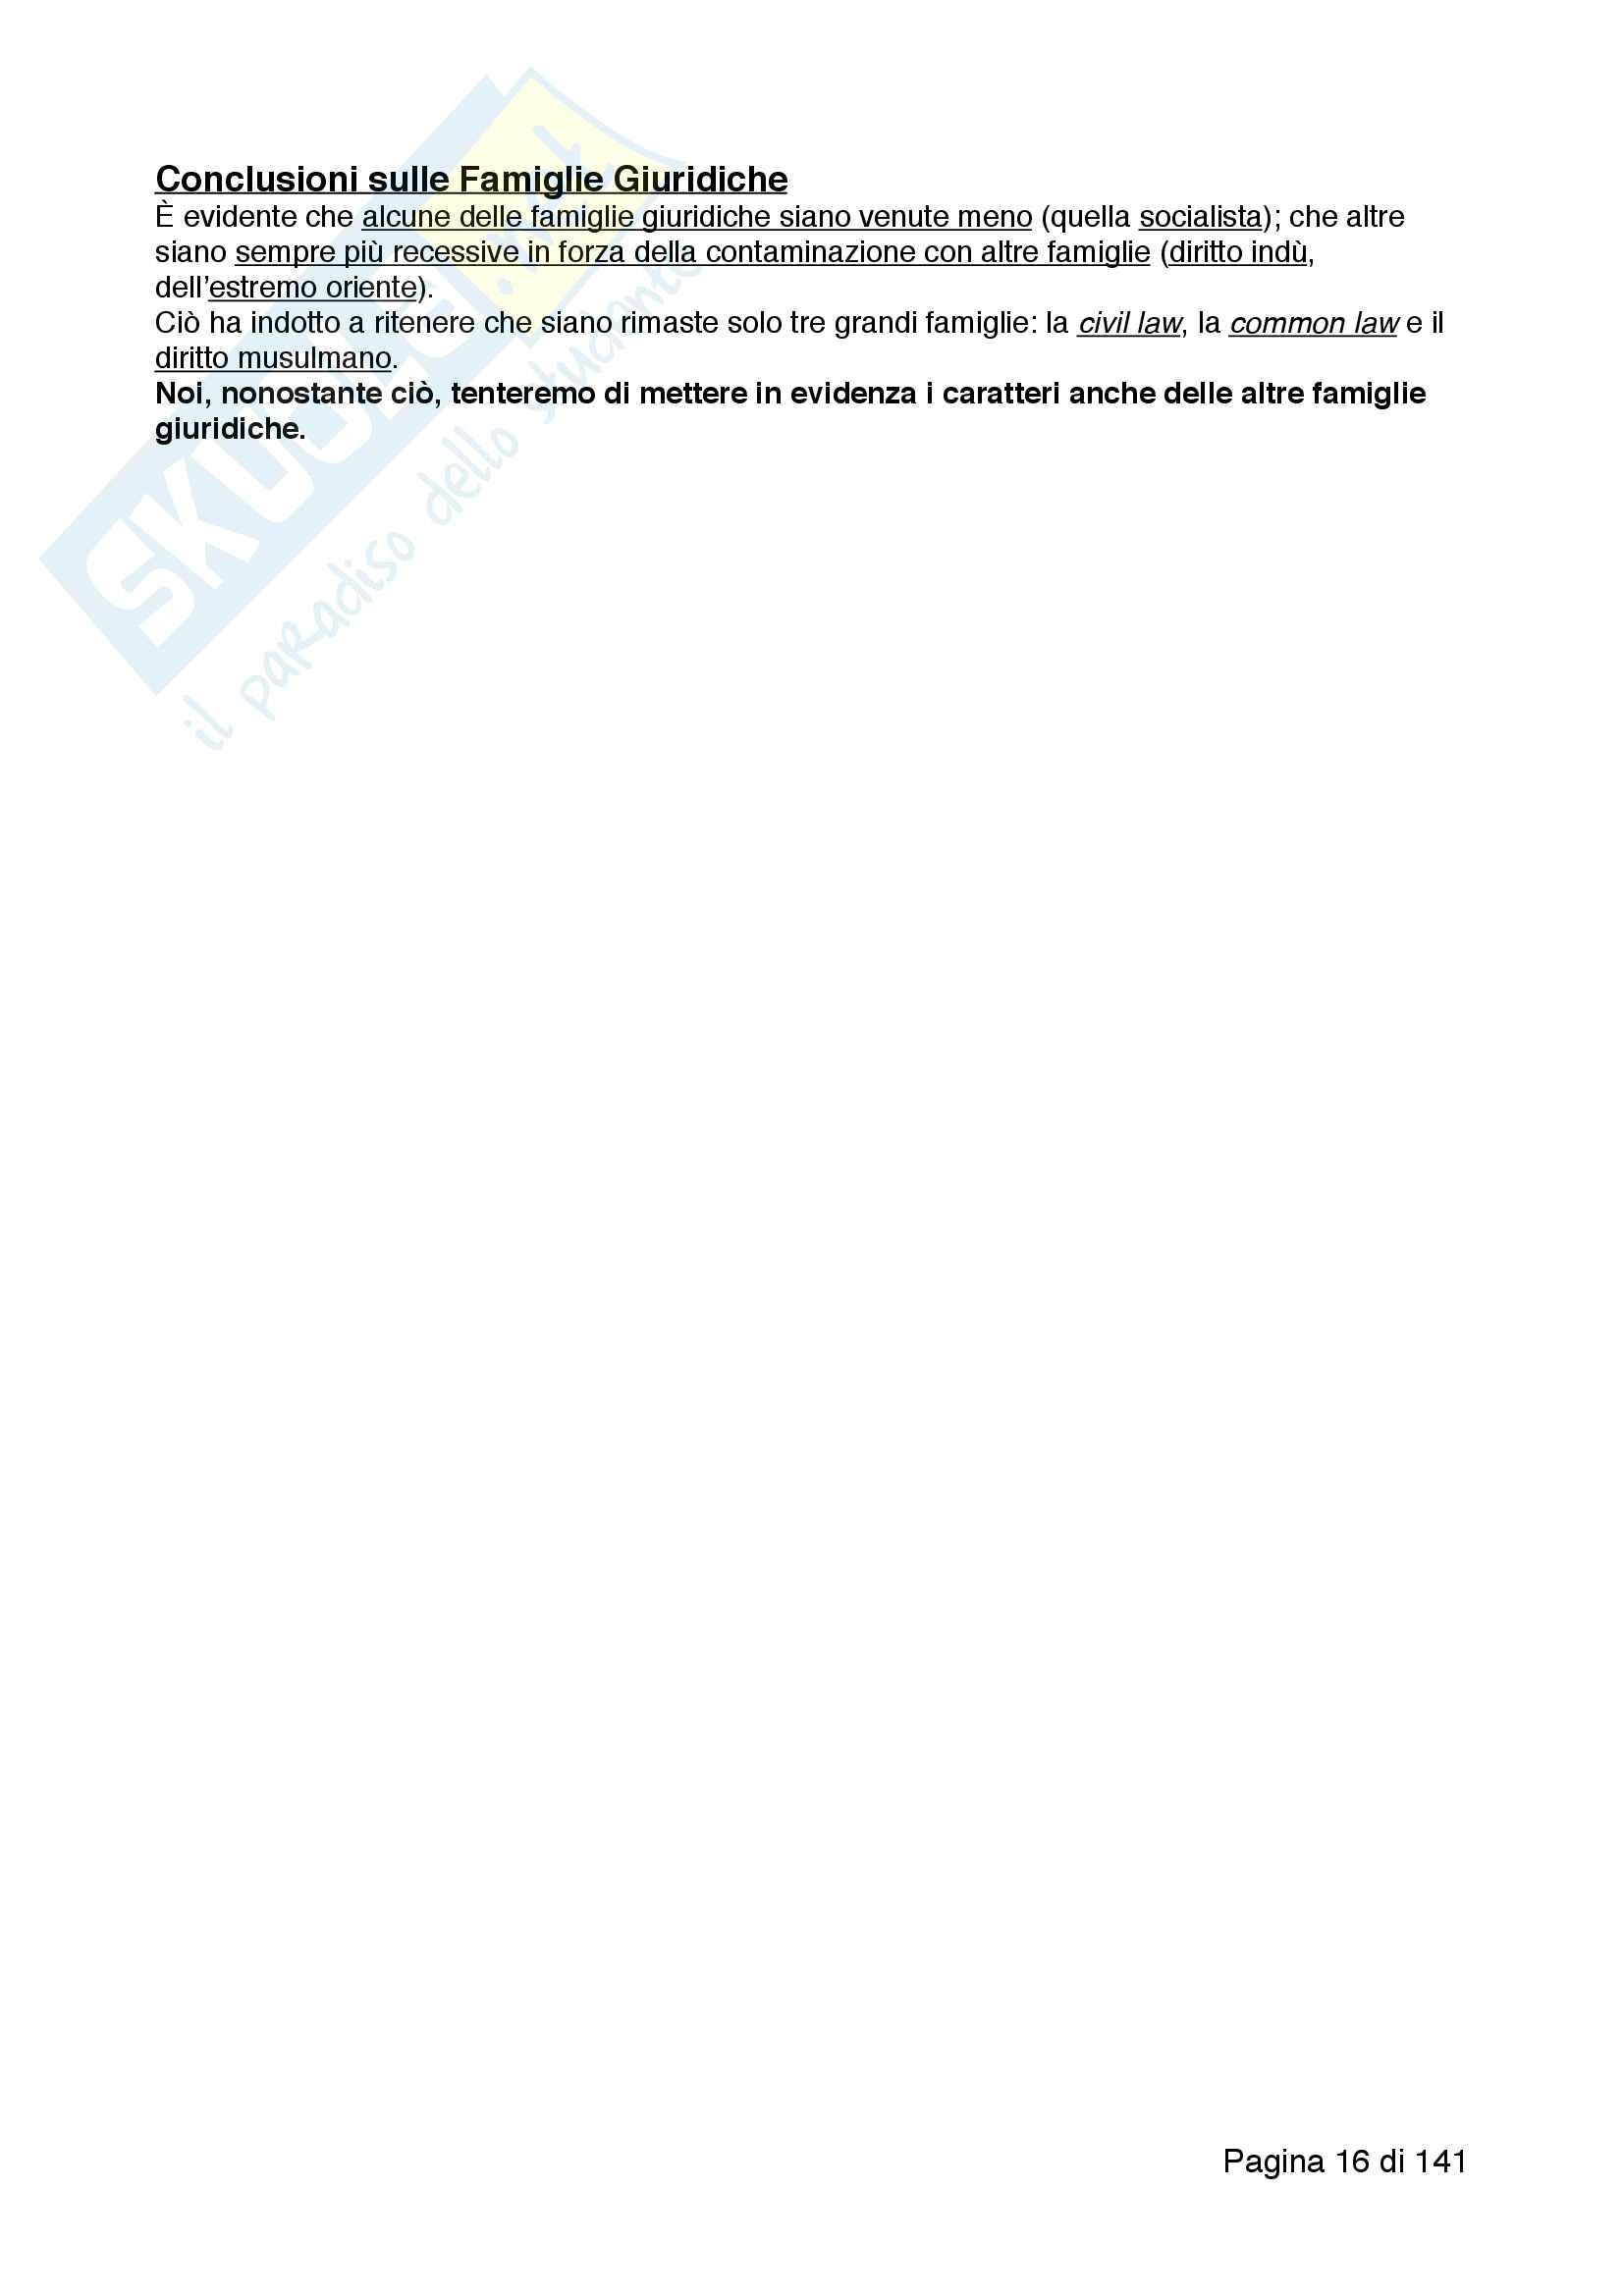 Riassunto esame Diritto Pubblico parato prof Nicolini libro consigliato Materiali essenziali per un